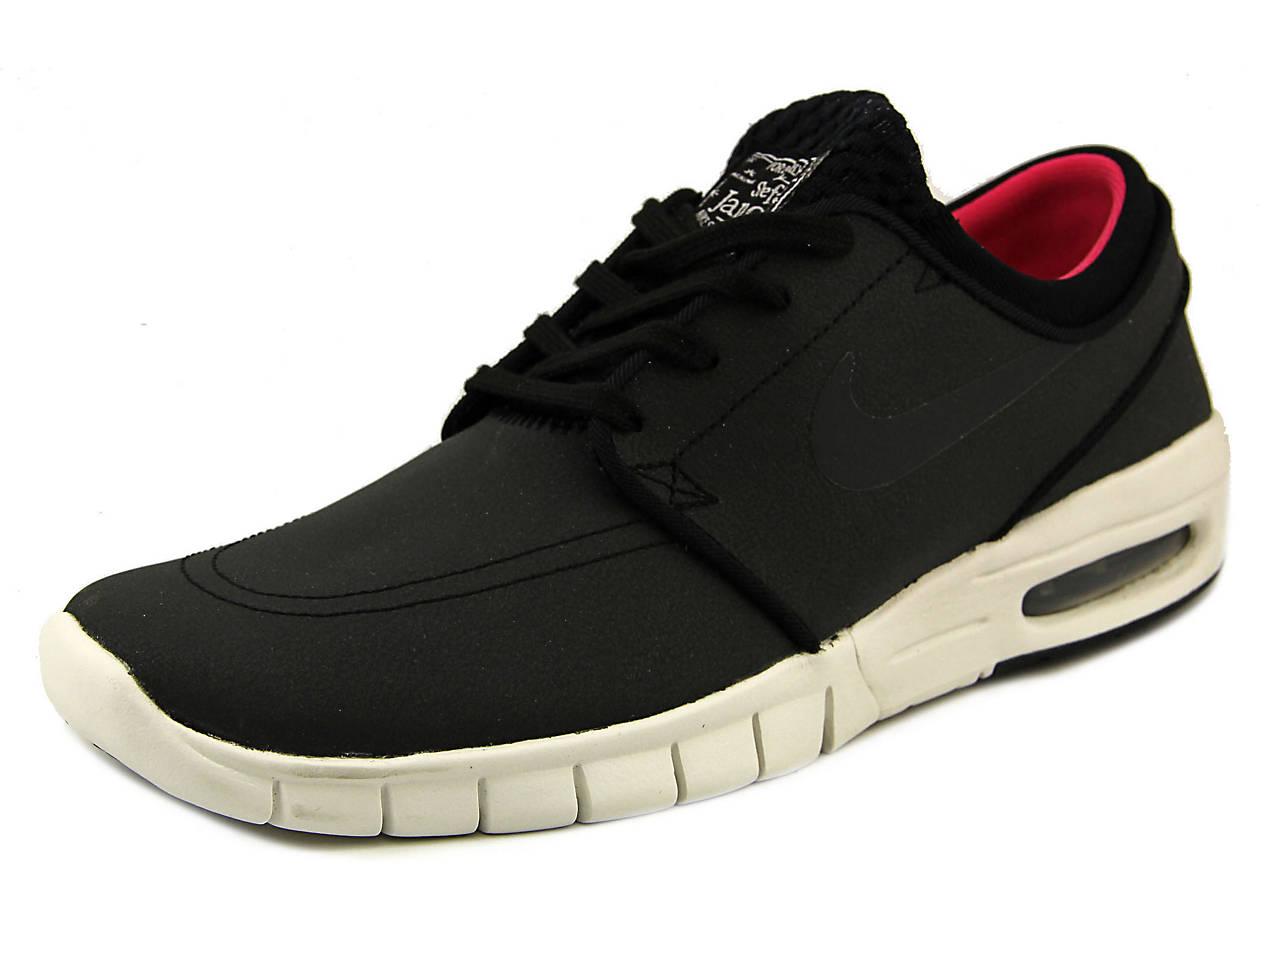 stefan janoski scarpe nike max finali della vendita scarpe da uomo dsw